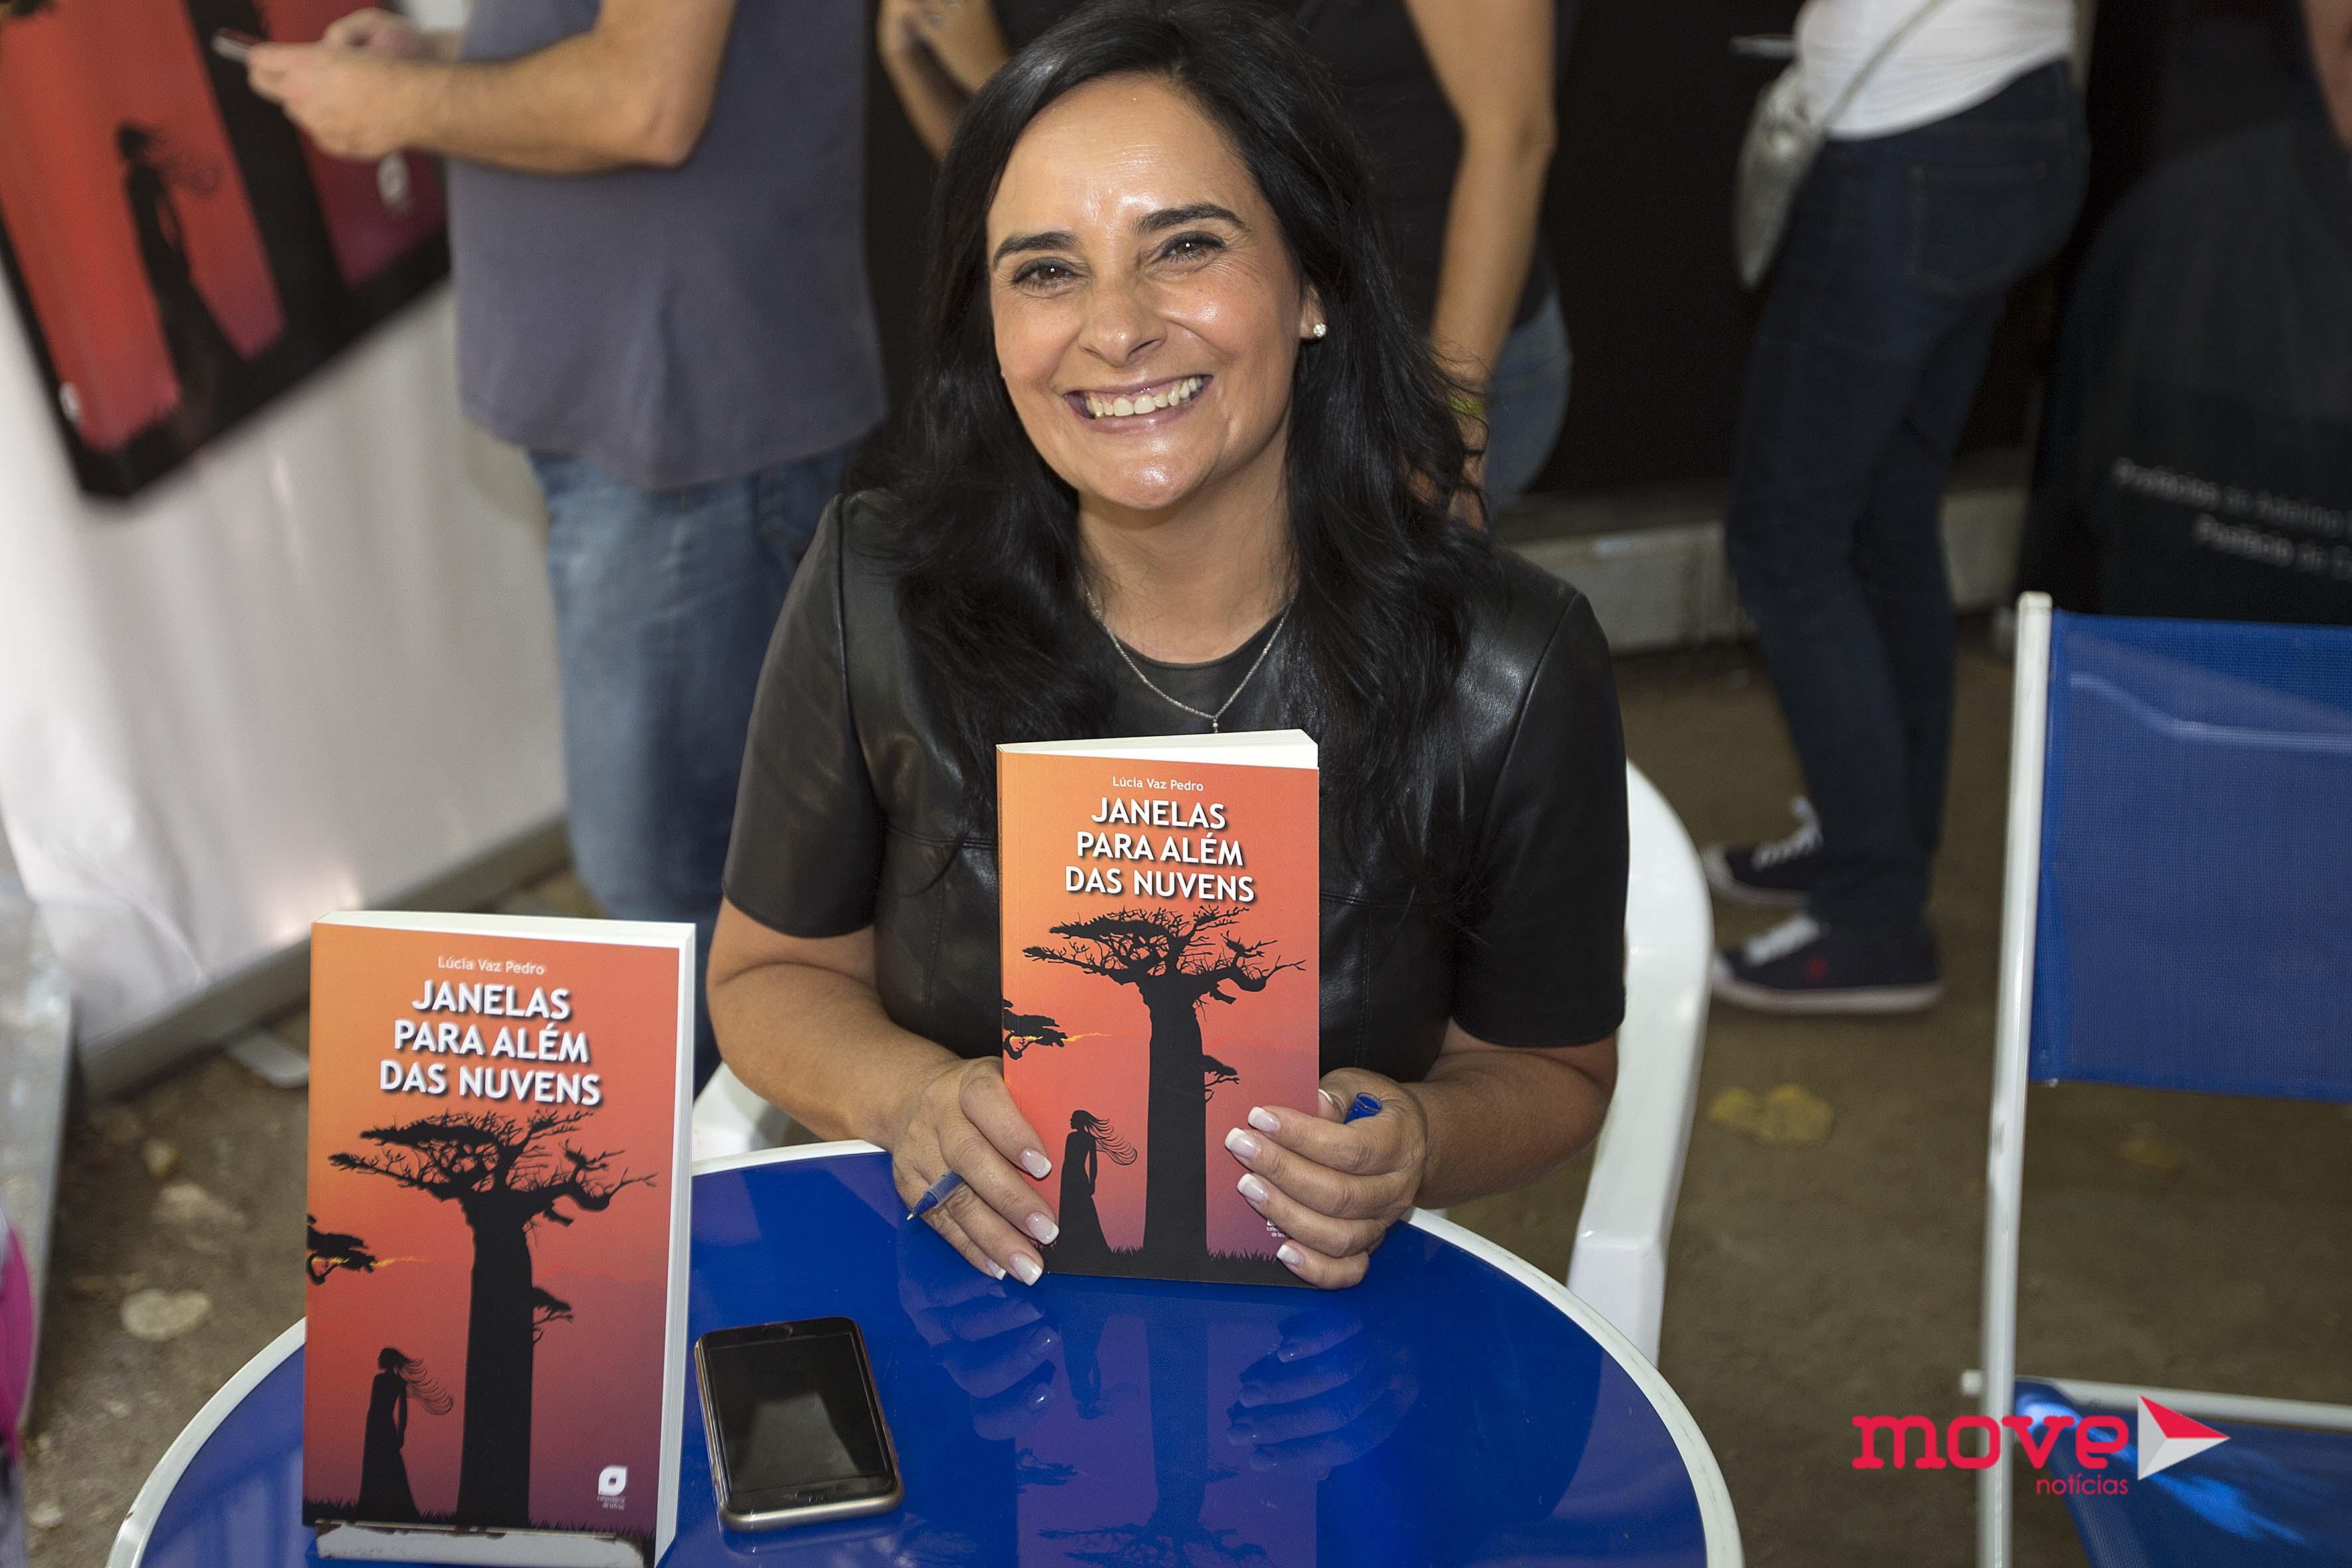 Lúcia Vaz Pedro Feira do Livro do Porto 3